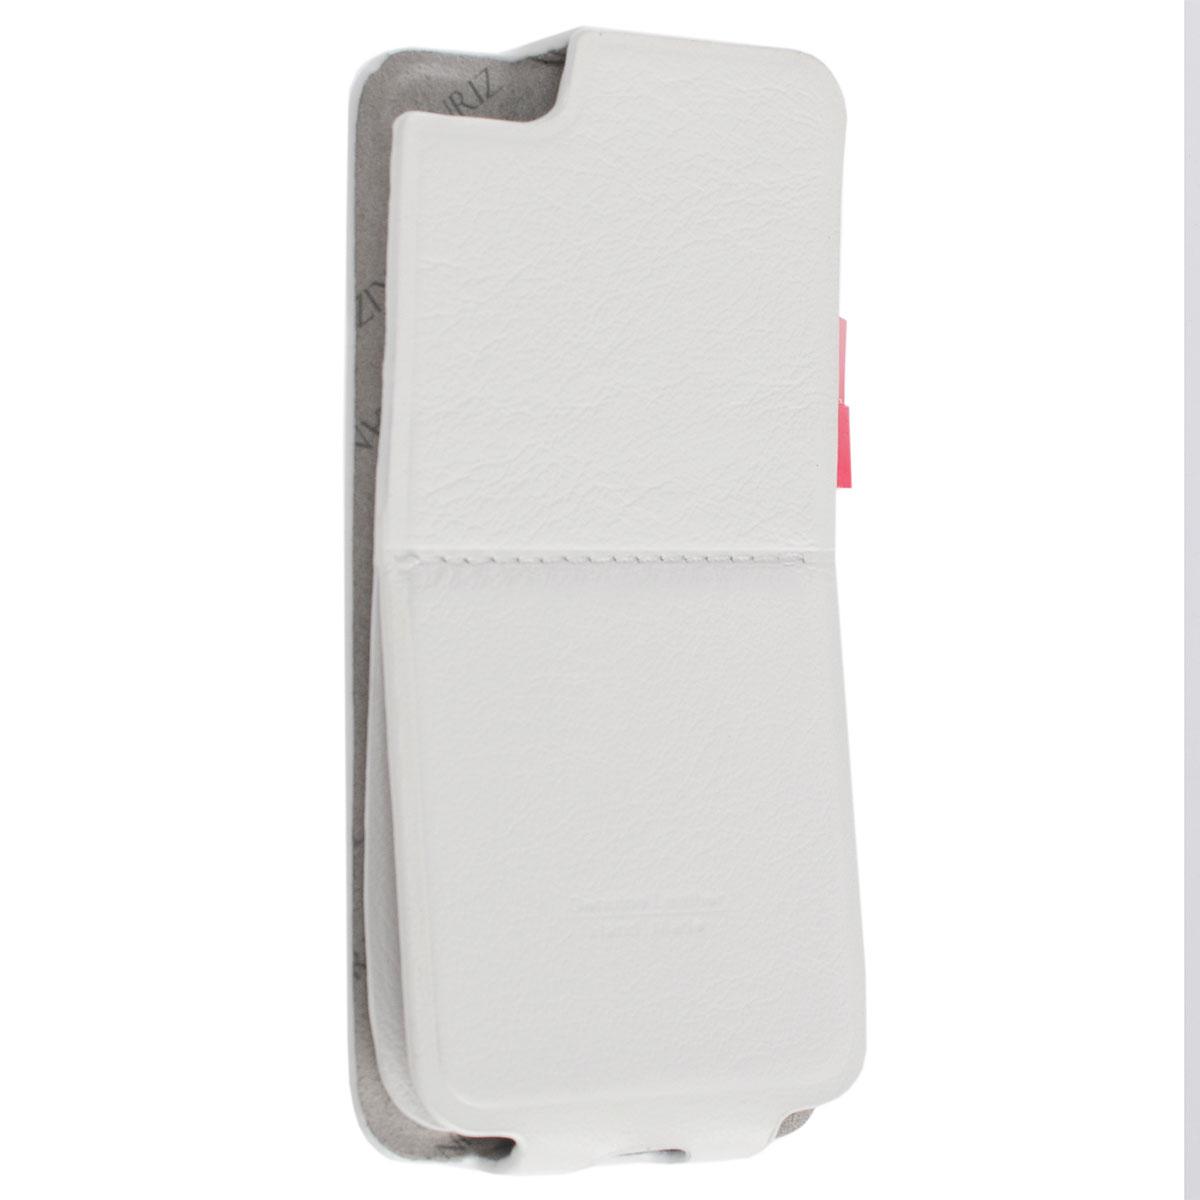 Lanriz Sticker Flip чехол для iPhone 5s, White